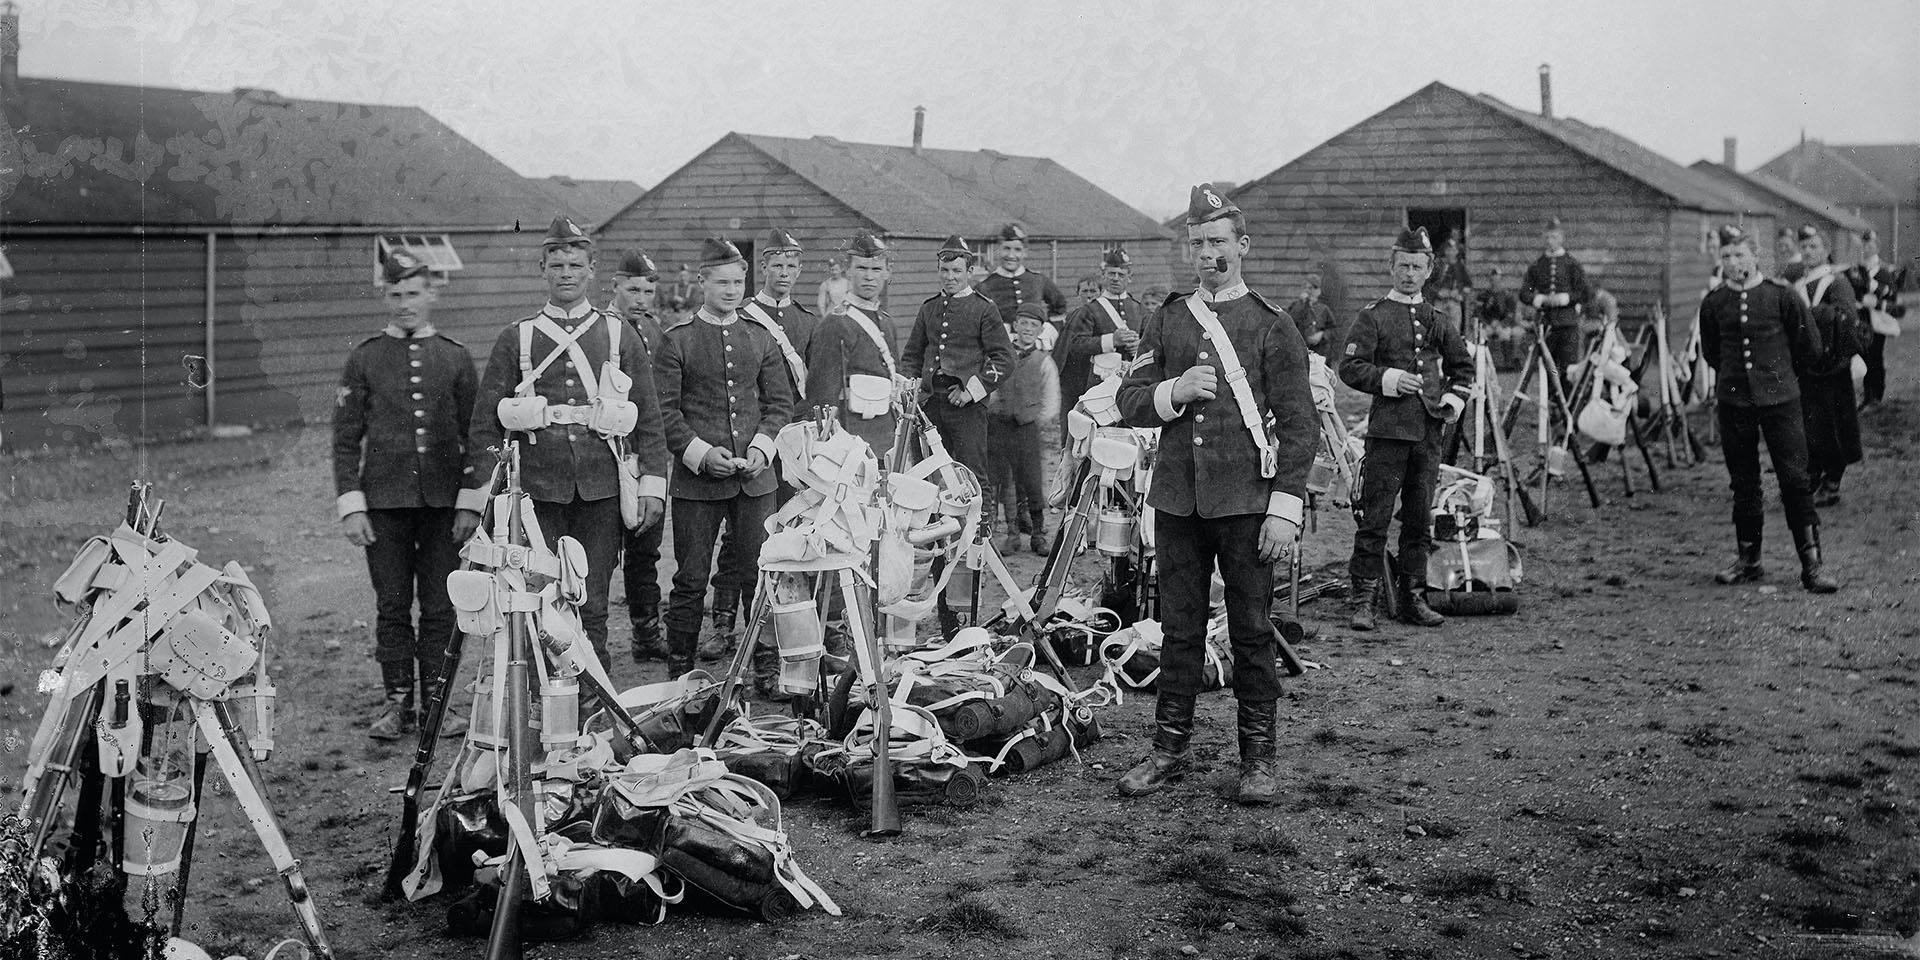 Stafford and Dorset Regiments, c1895